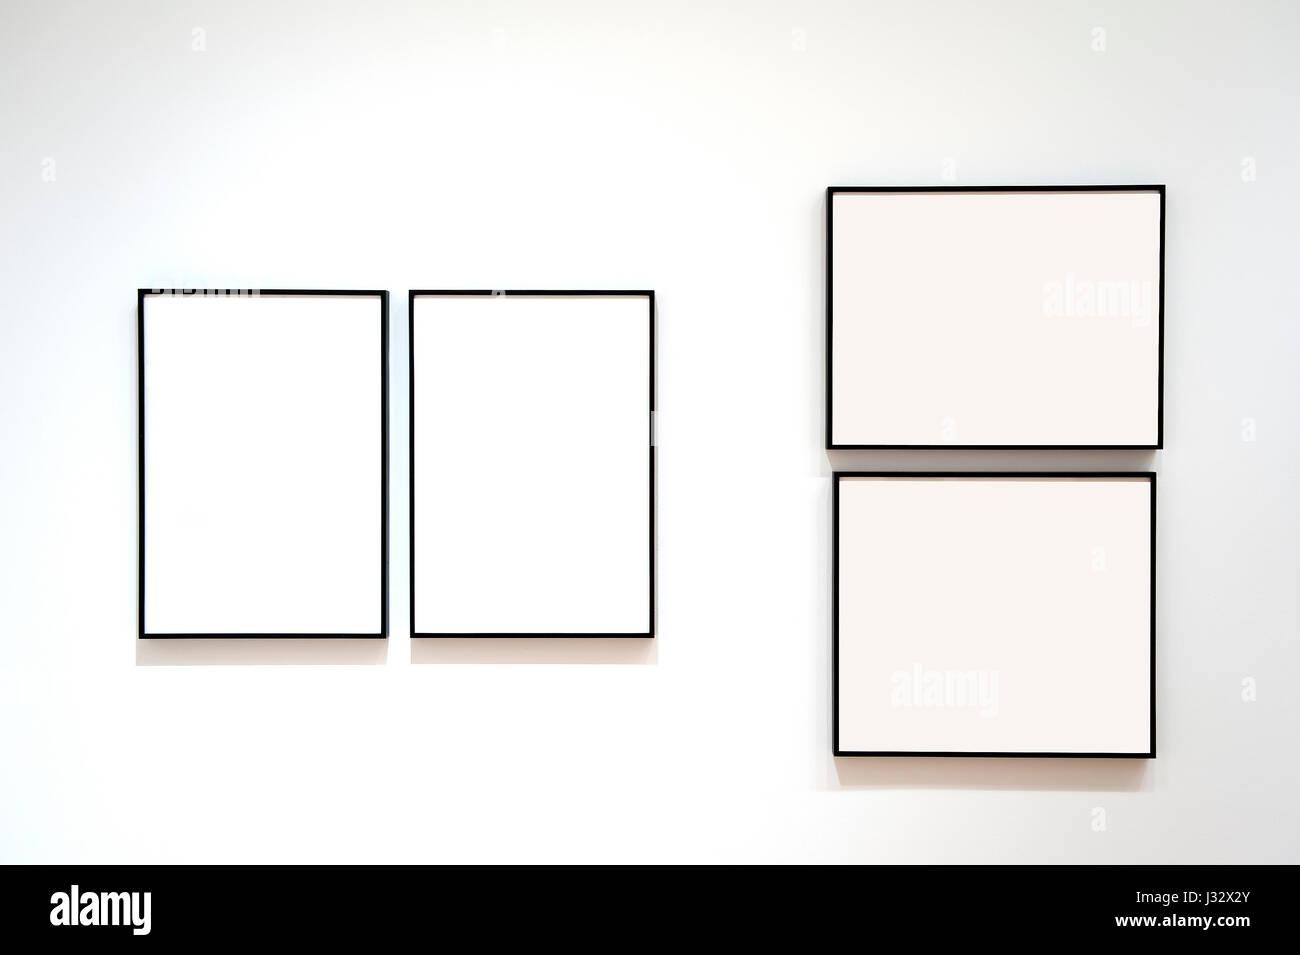 Blank blueprint stock photos blank blueprint stock for Four blank walls